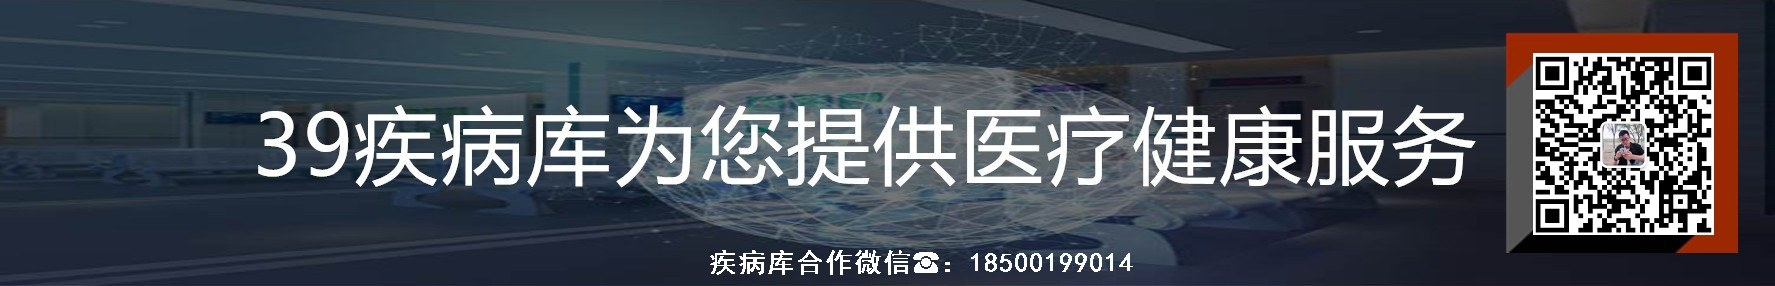 重庆癫痫病专色天使在线视频在线视频偷国产精品